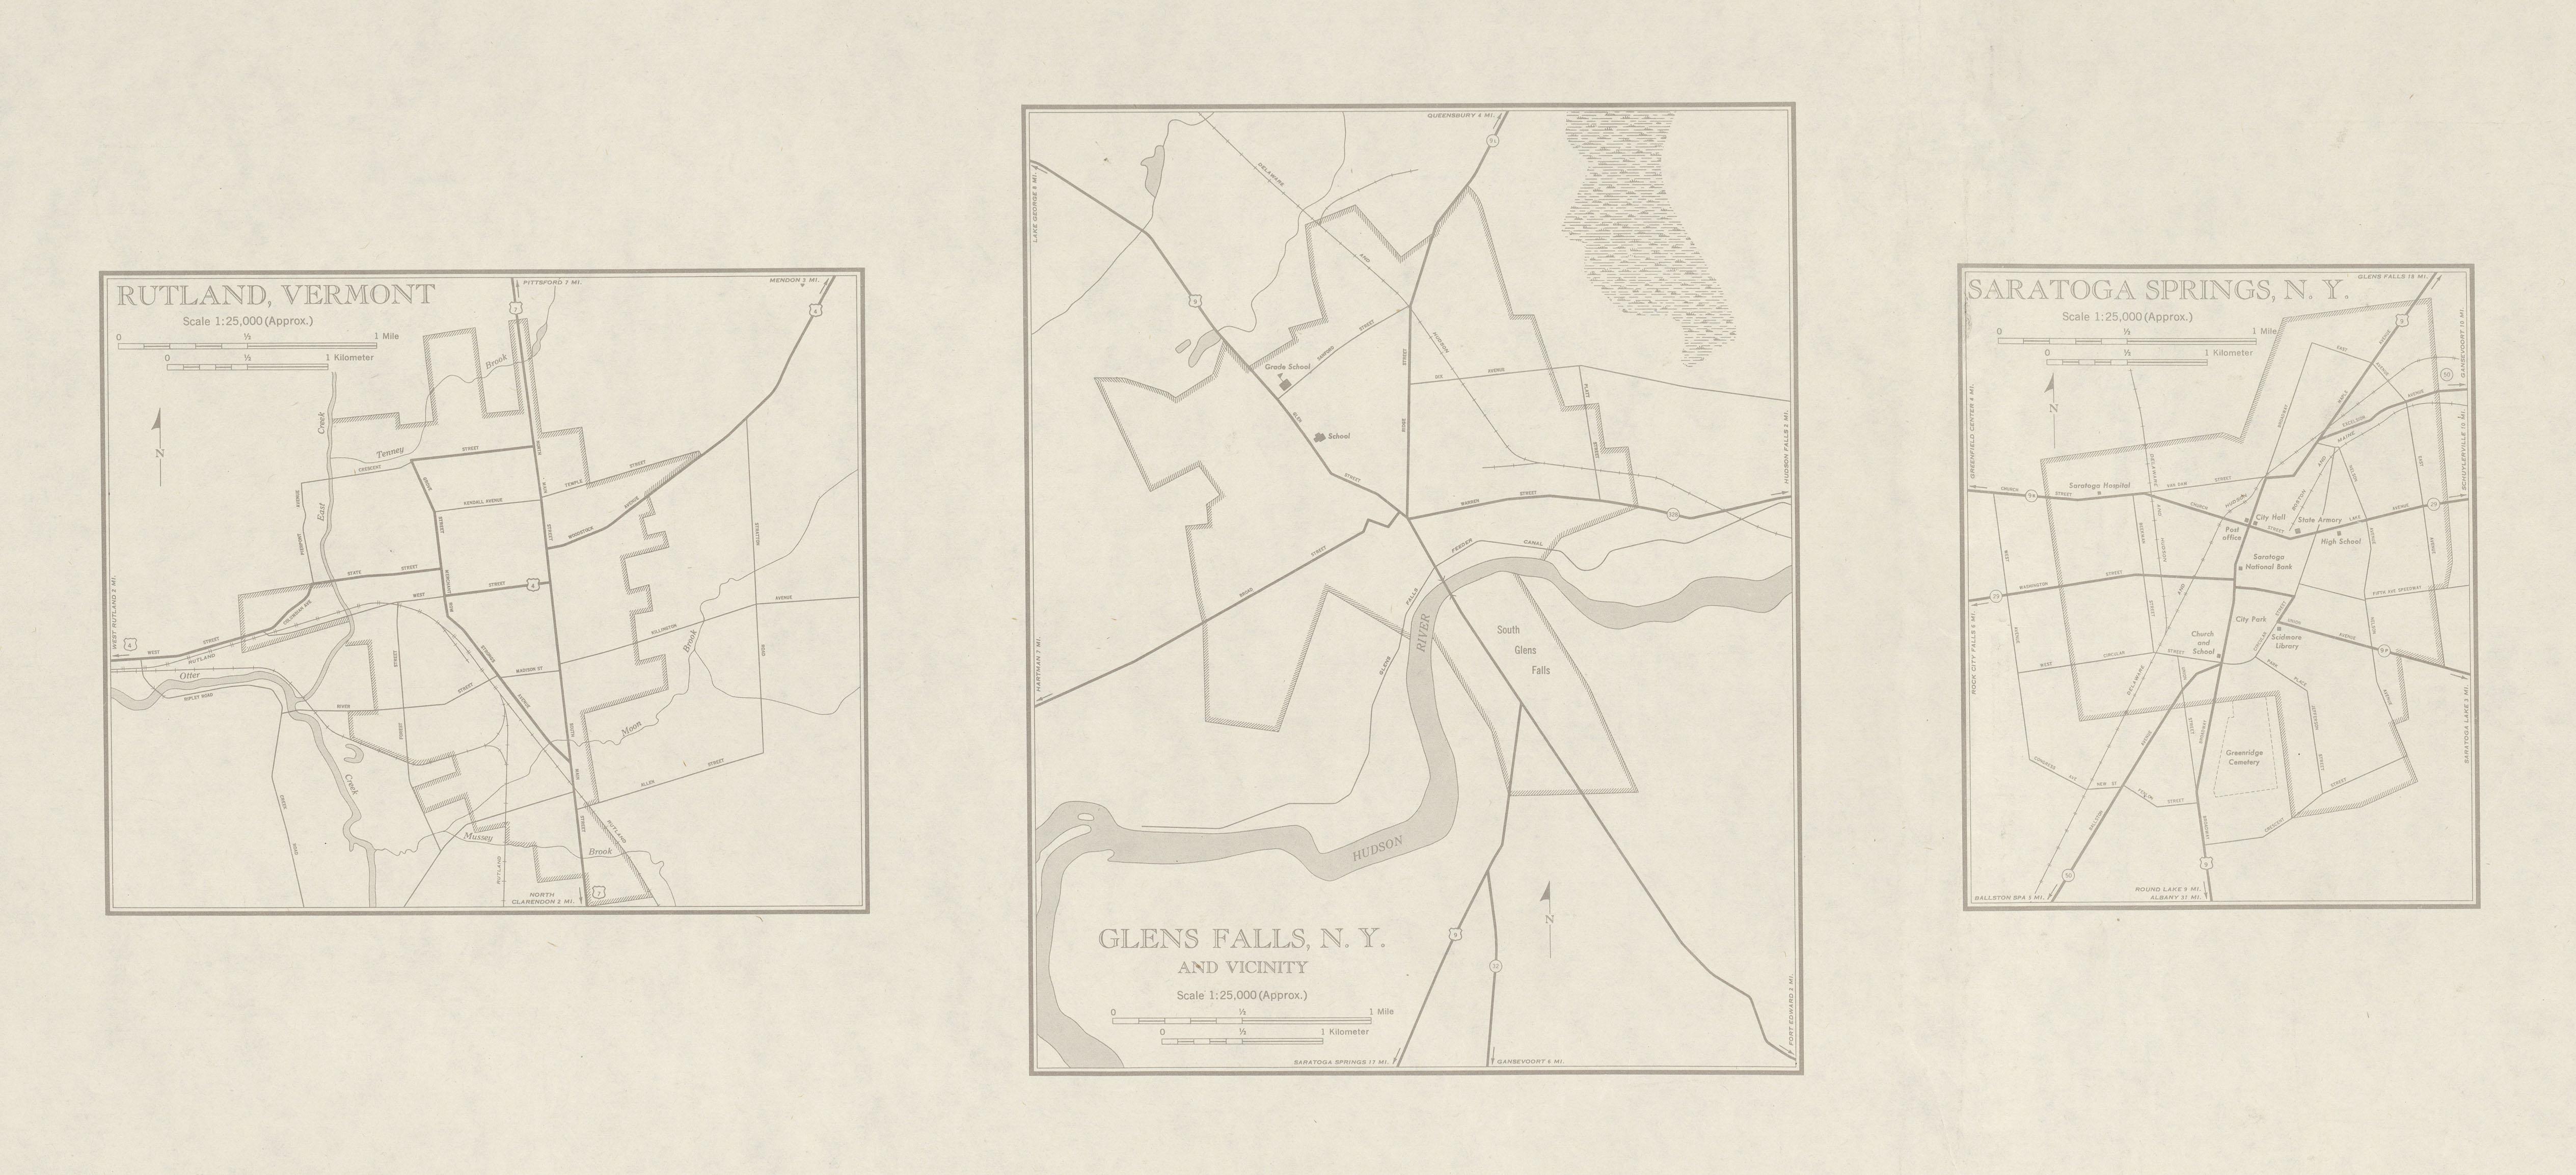 Mapa de las Ciudades de Glens Falls, Saratoga Springs, Nueva York y Rutly, Vermont, Estados Unidos 1948